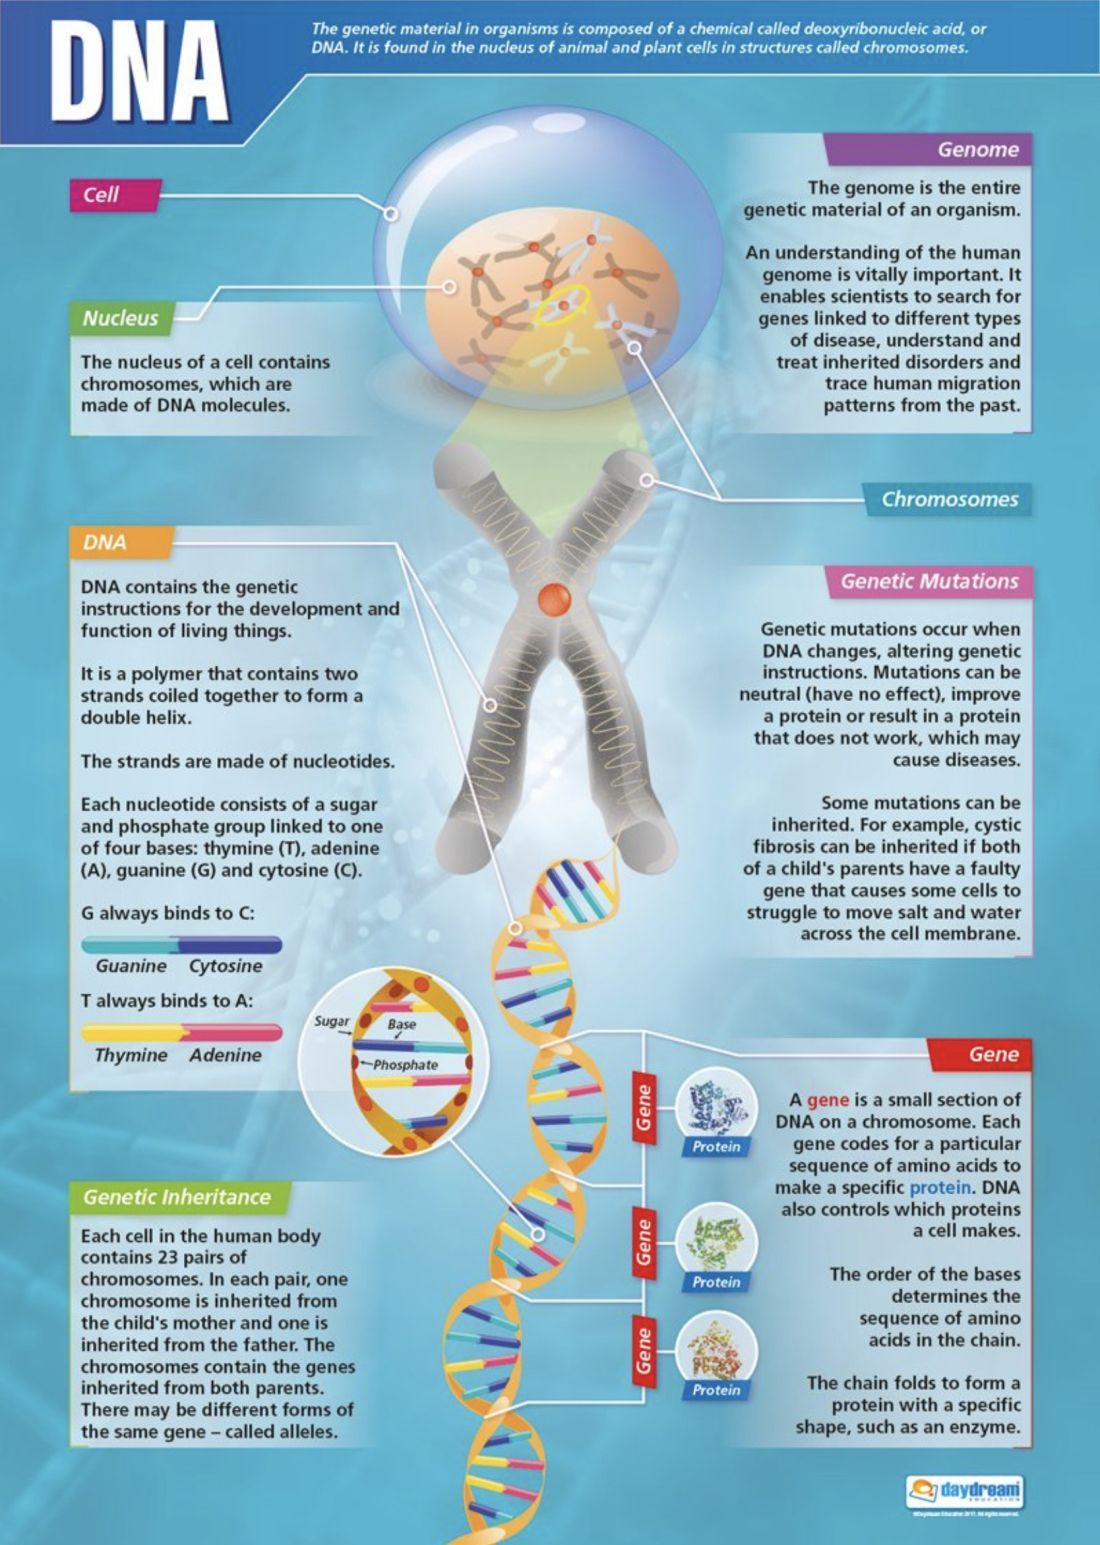 Clase De José Angel 1º 3º Y 4º Eso Inglés Salesianos Santander Página 25 Enseñanza Biología Biología Celular Biología